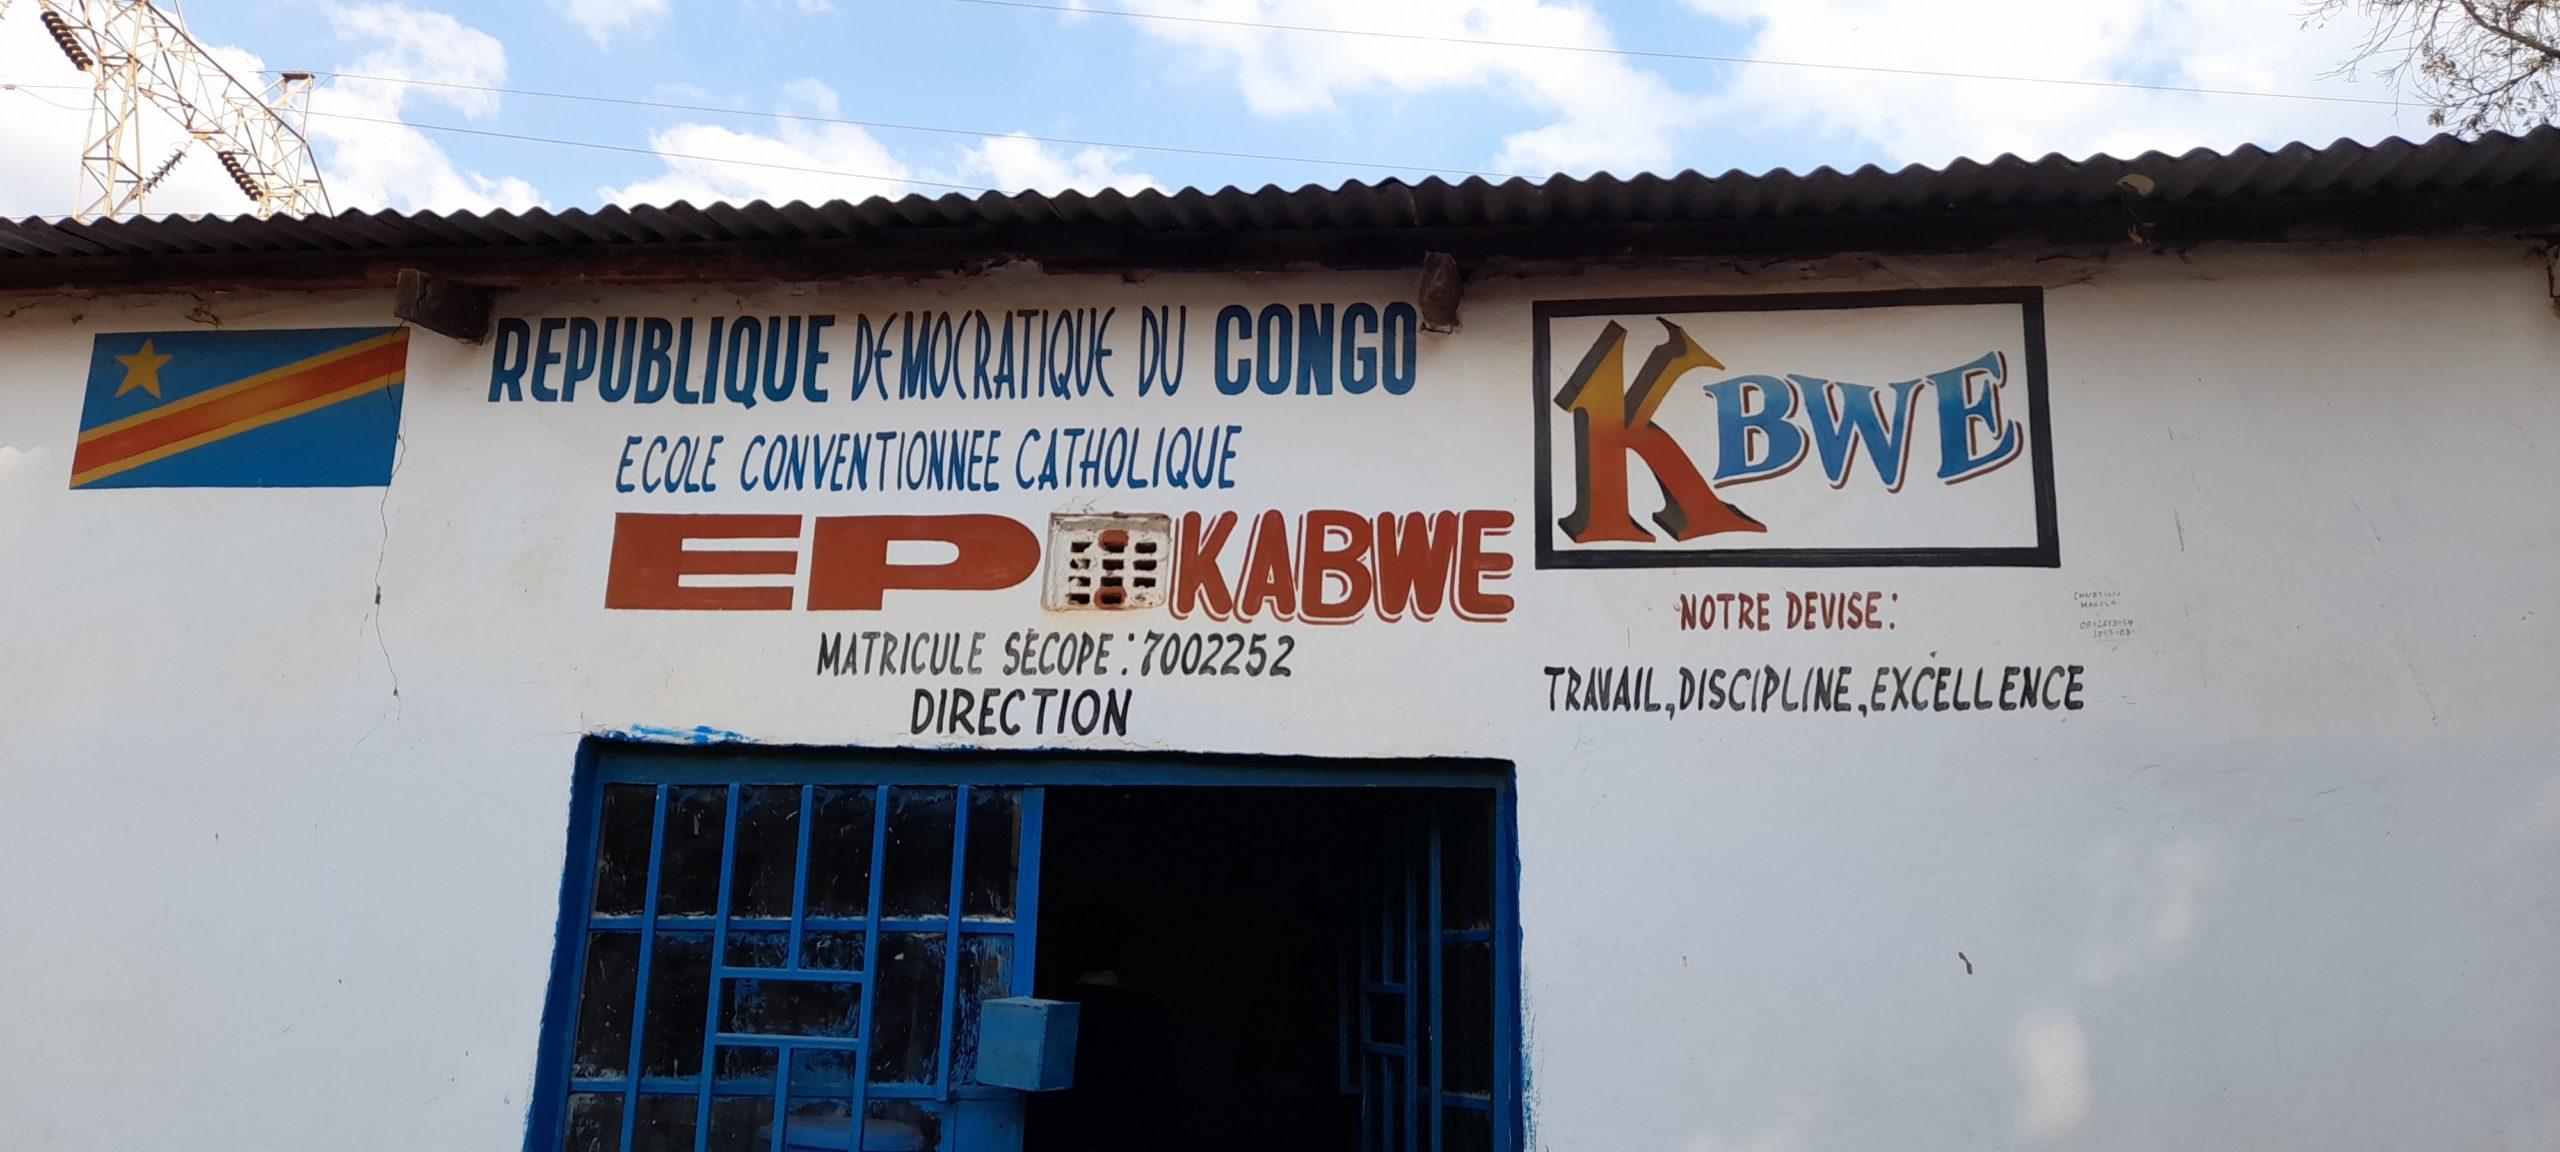 L'EP Kabwe à Kipushi où il y a plus d'élèves et moins de bancs, Kipushi 2021 @ponabana